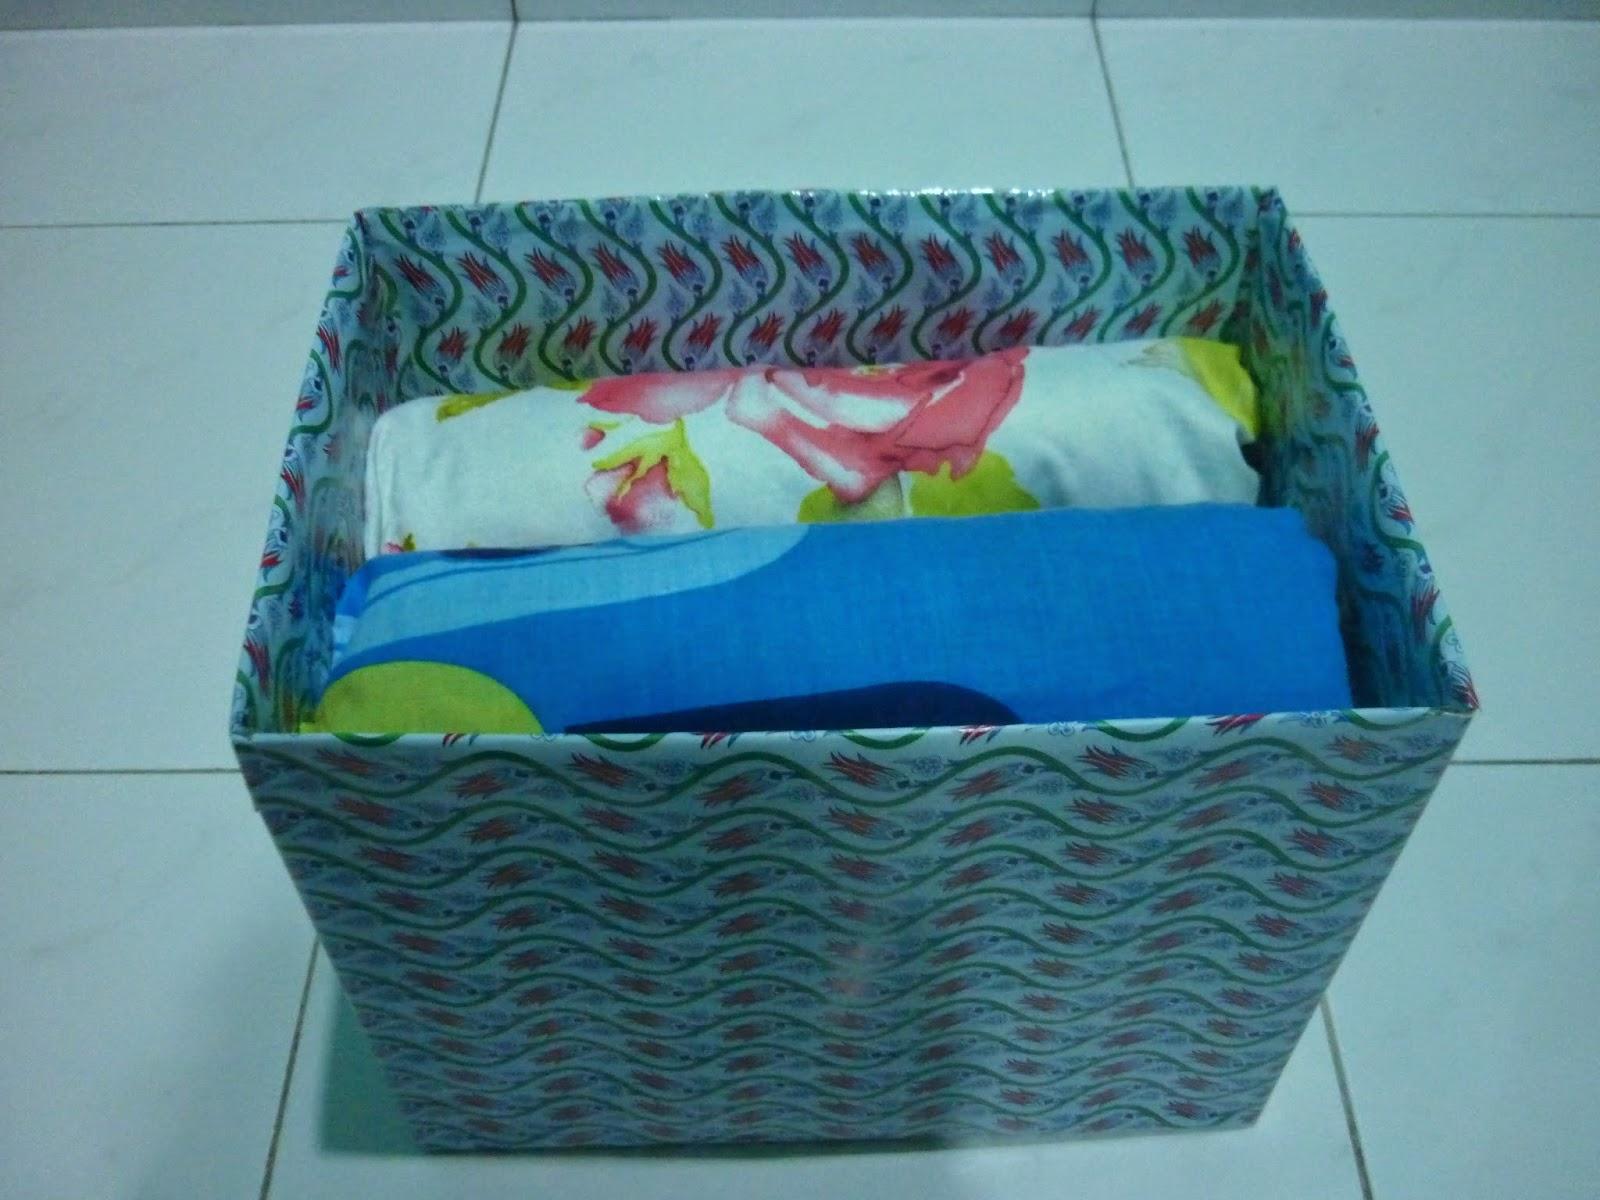 http://ourlittleaffendijr.blogspot.com/